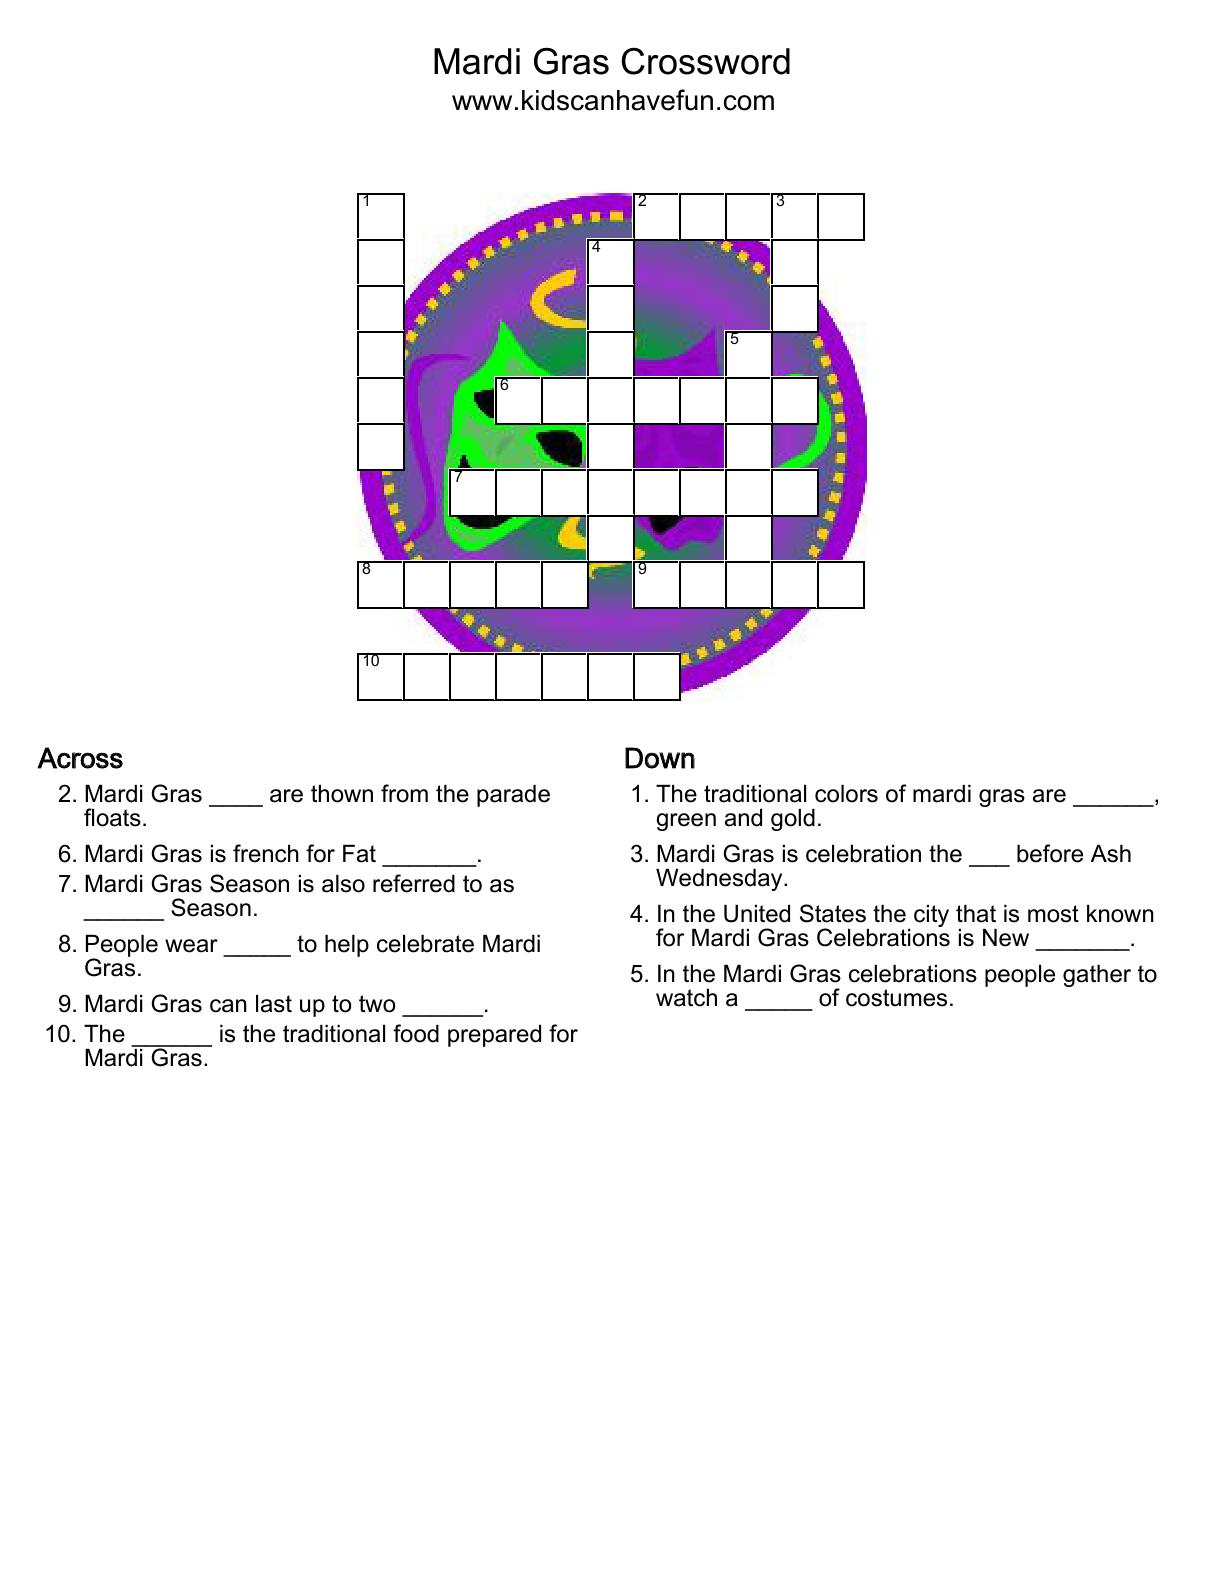 Mardi Gras Crossword Puzzle